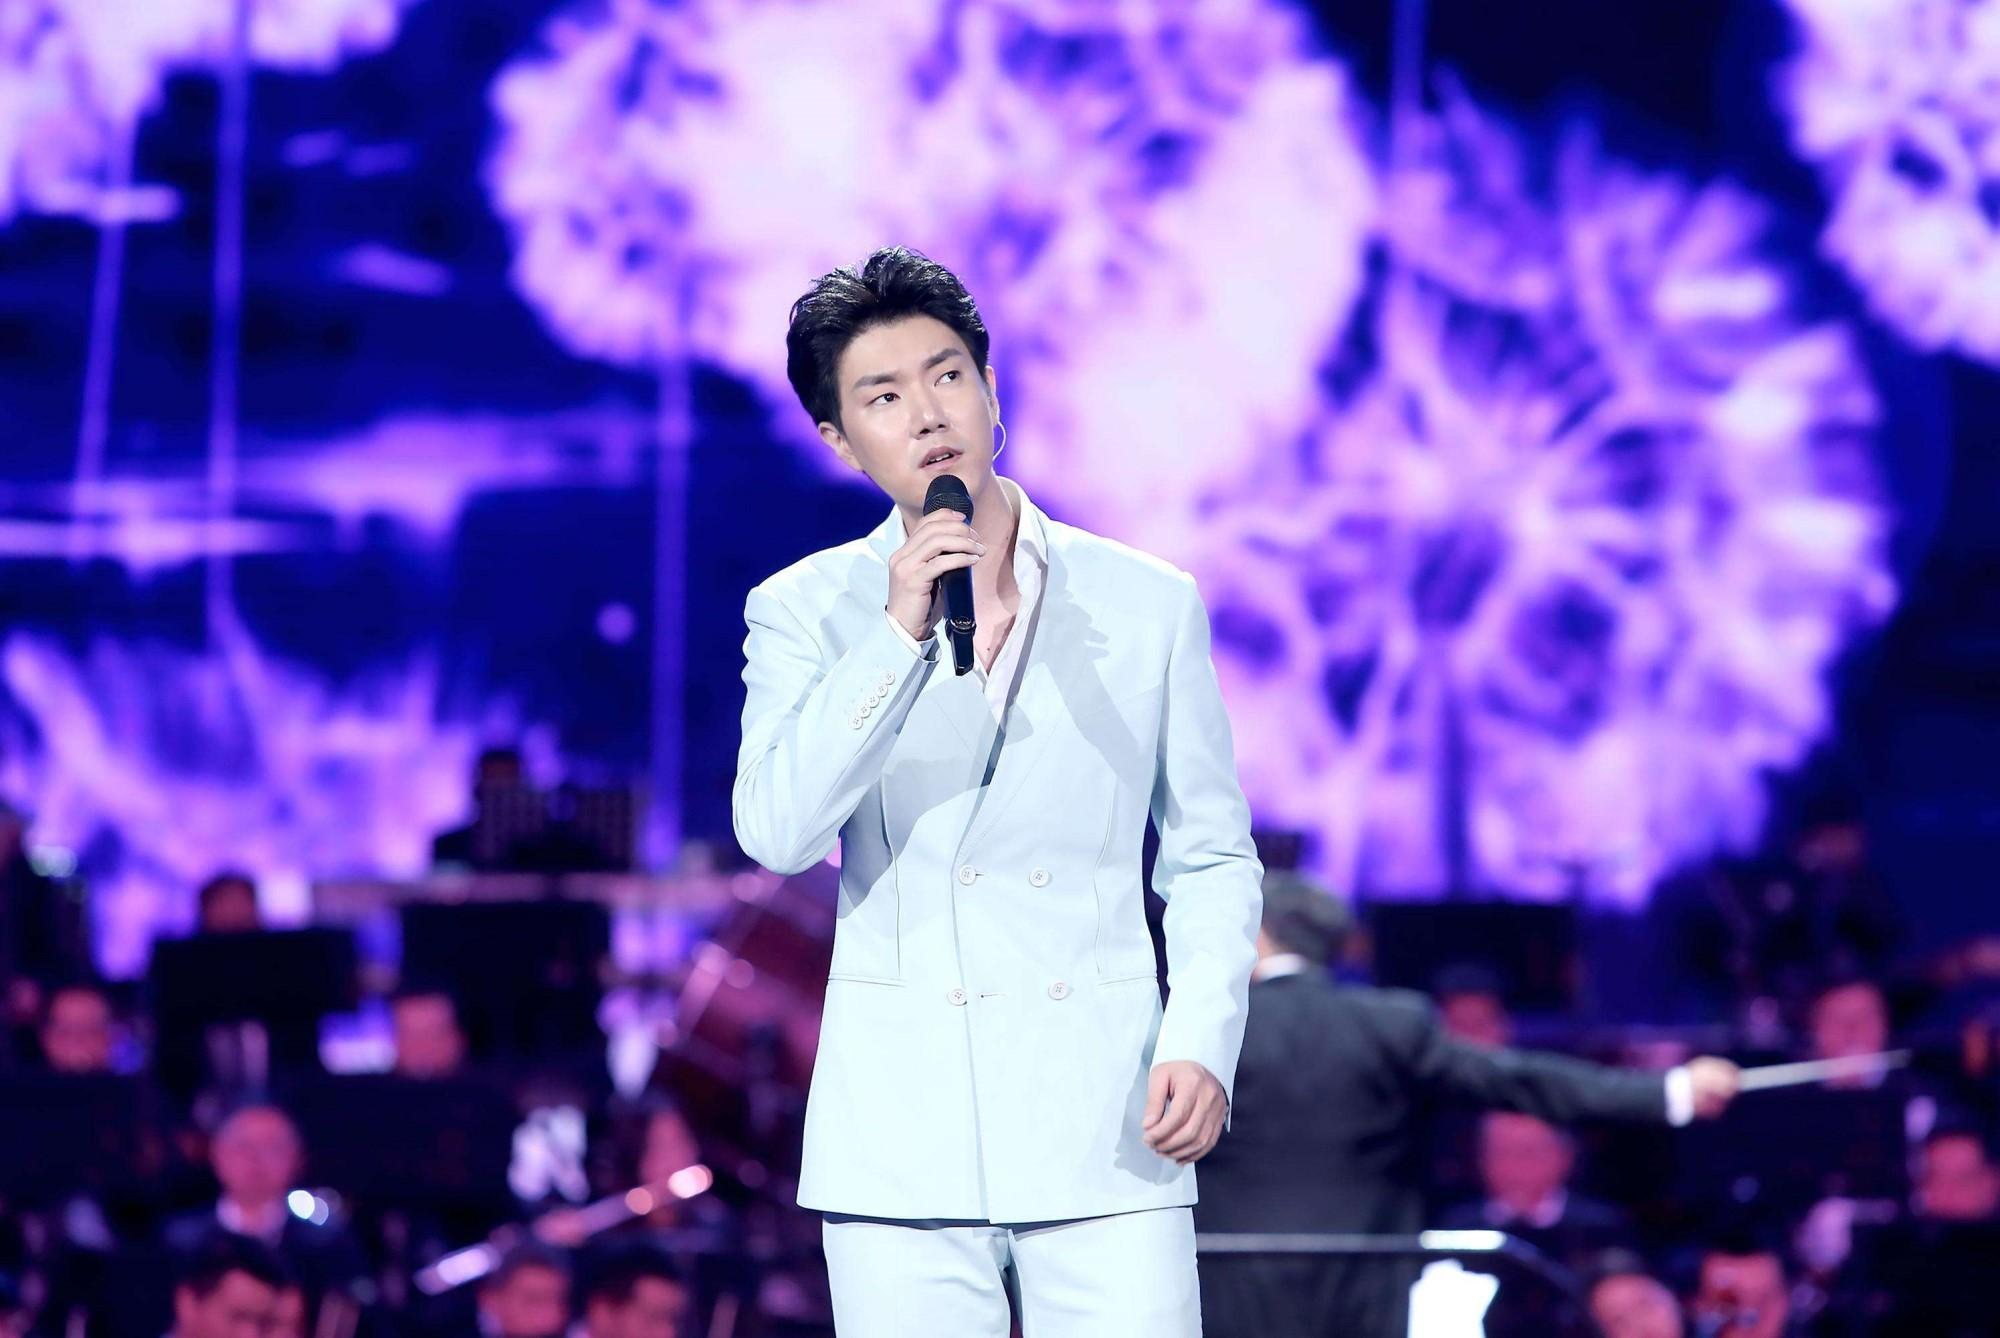 歌手王晰催粉丝做数据,自曝喜欢女友粉,说有种精神出轨的感觉